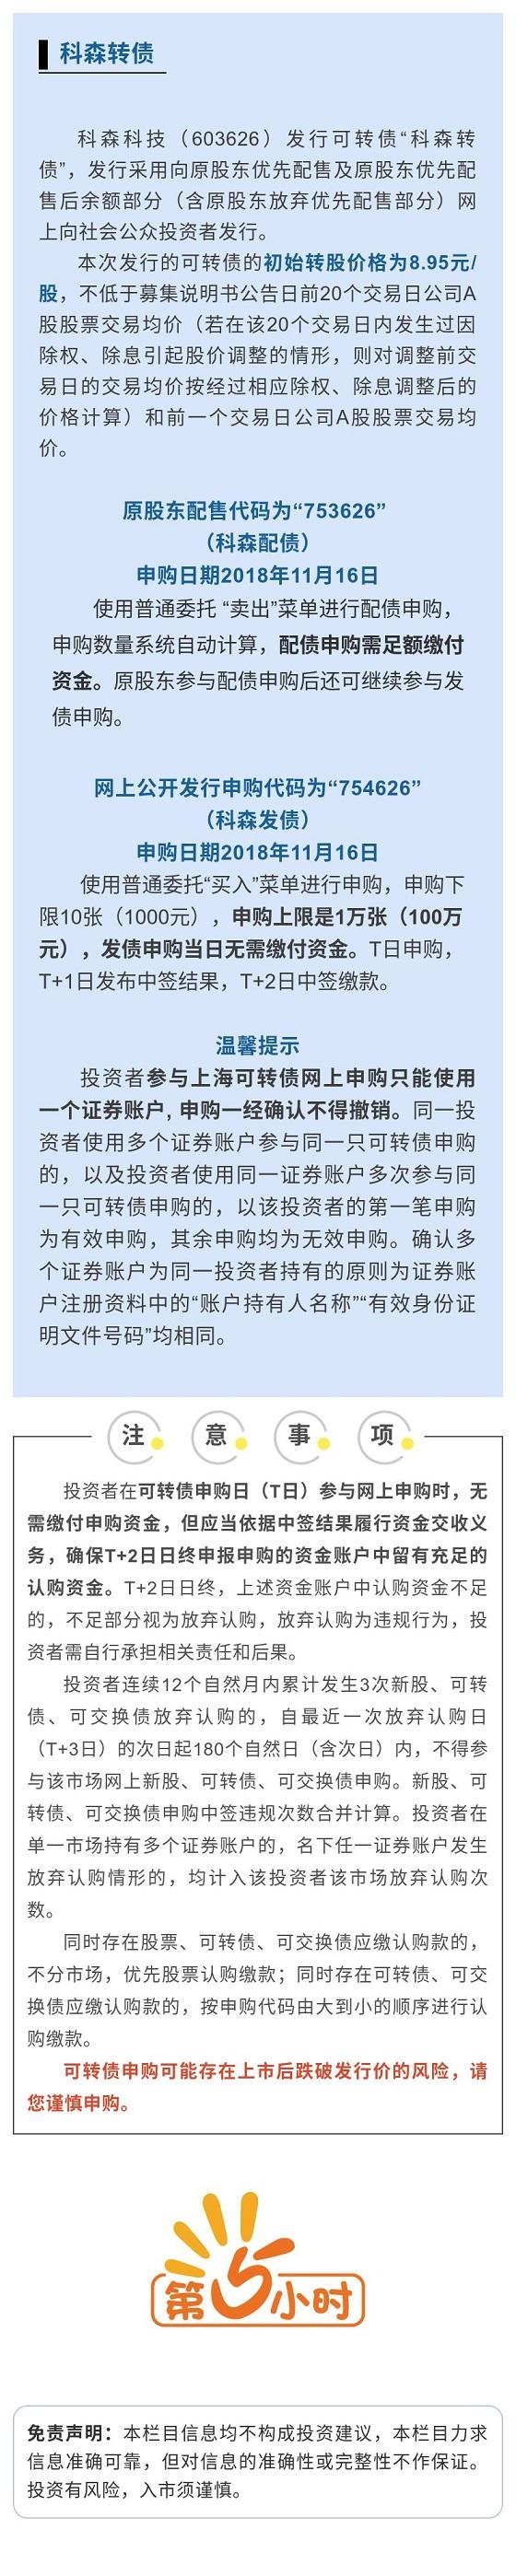 【新债申购】科森科技(603626)公开发行可转换公司债.jpg